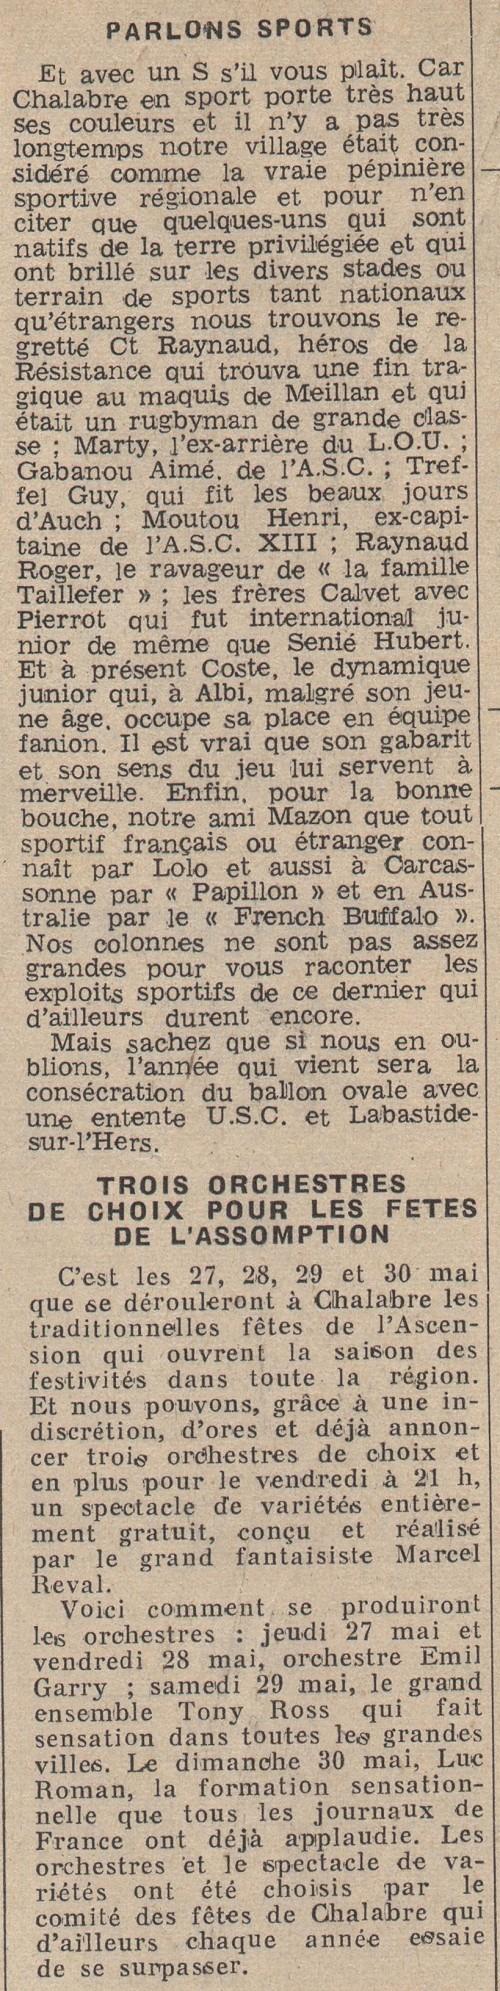 Samedi 24 avril 1965.JPG